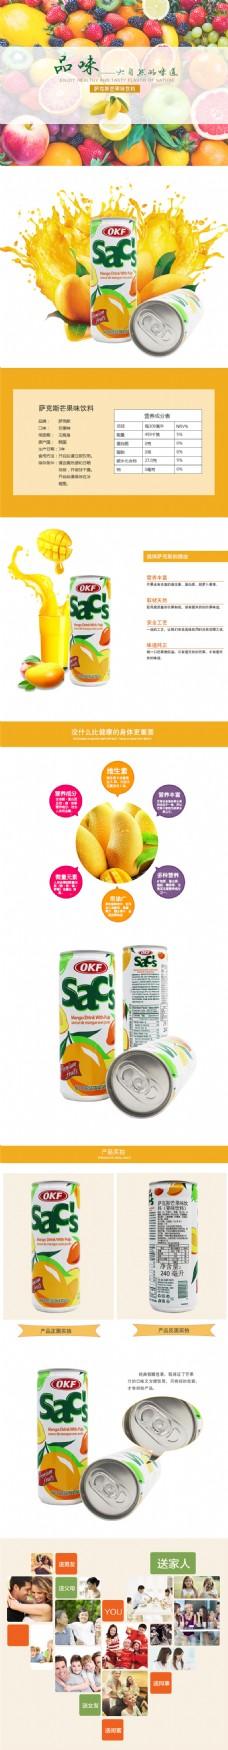 电商淘宝饮料果汁美食食品详情页宝贝描述